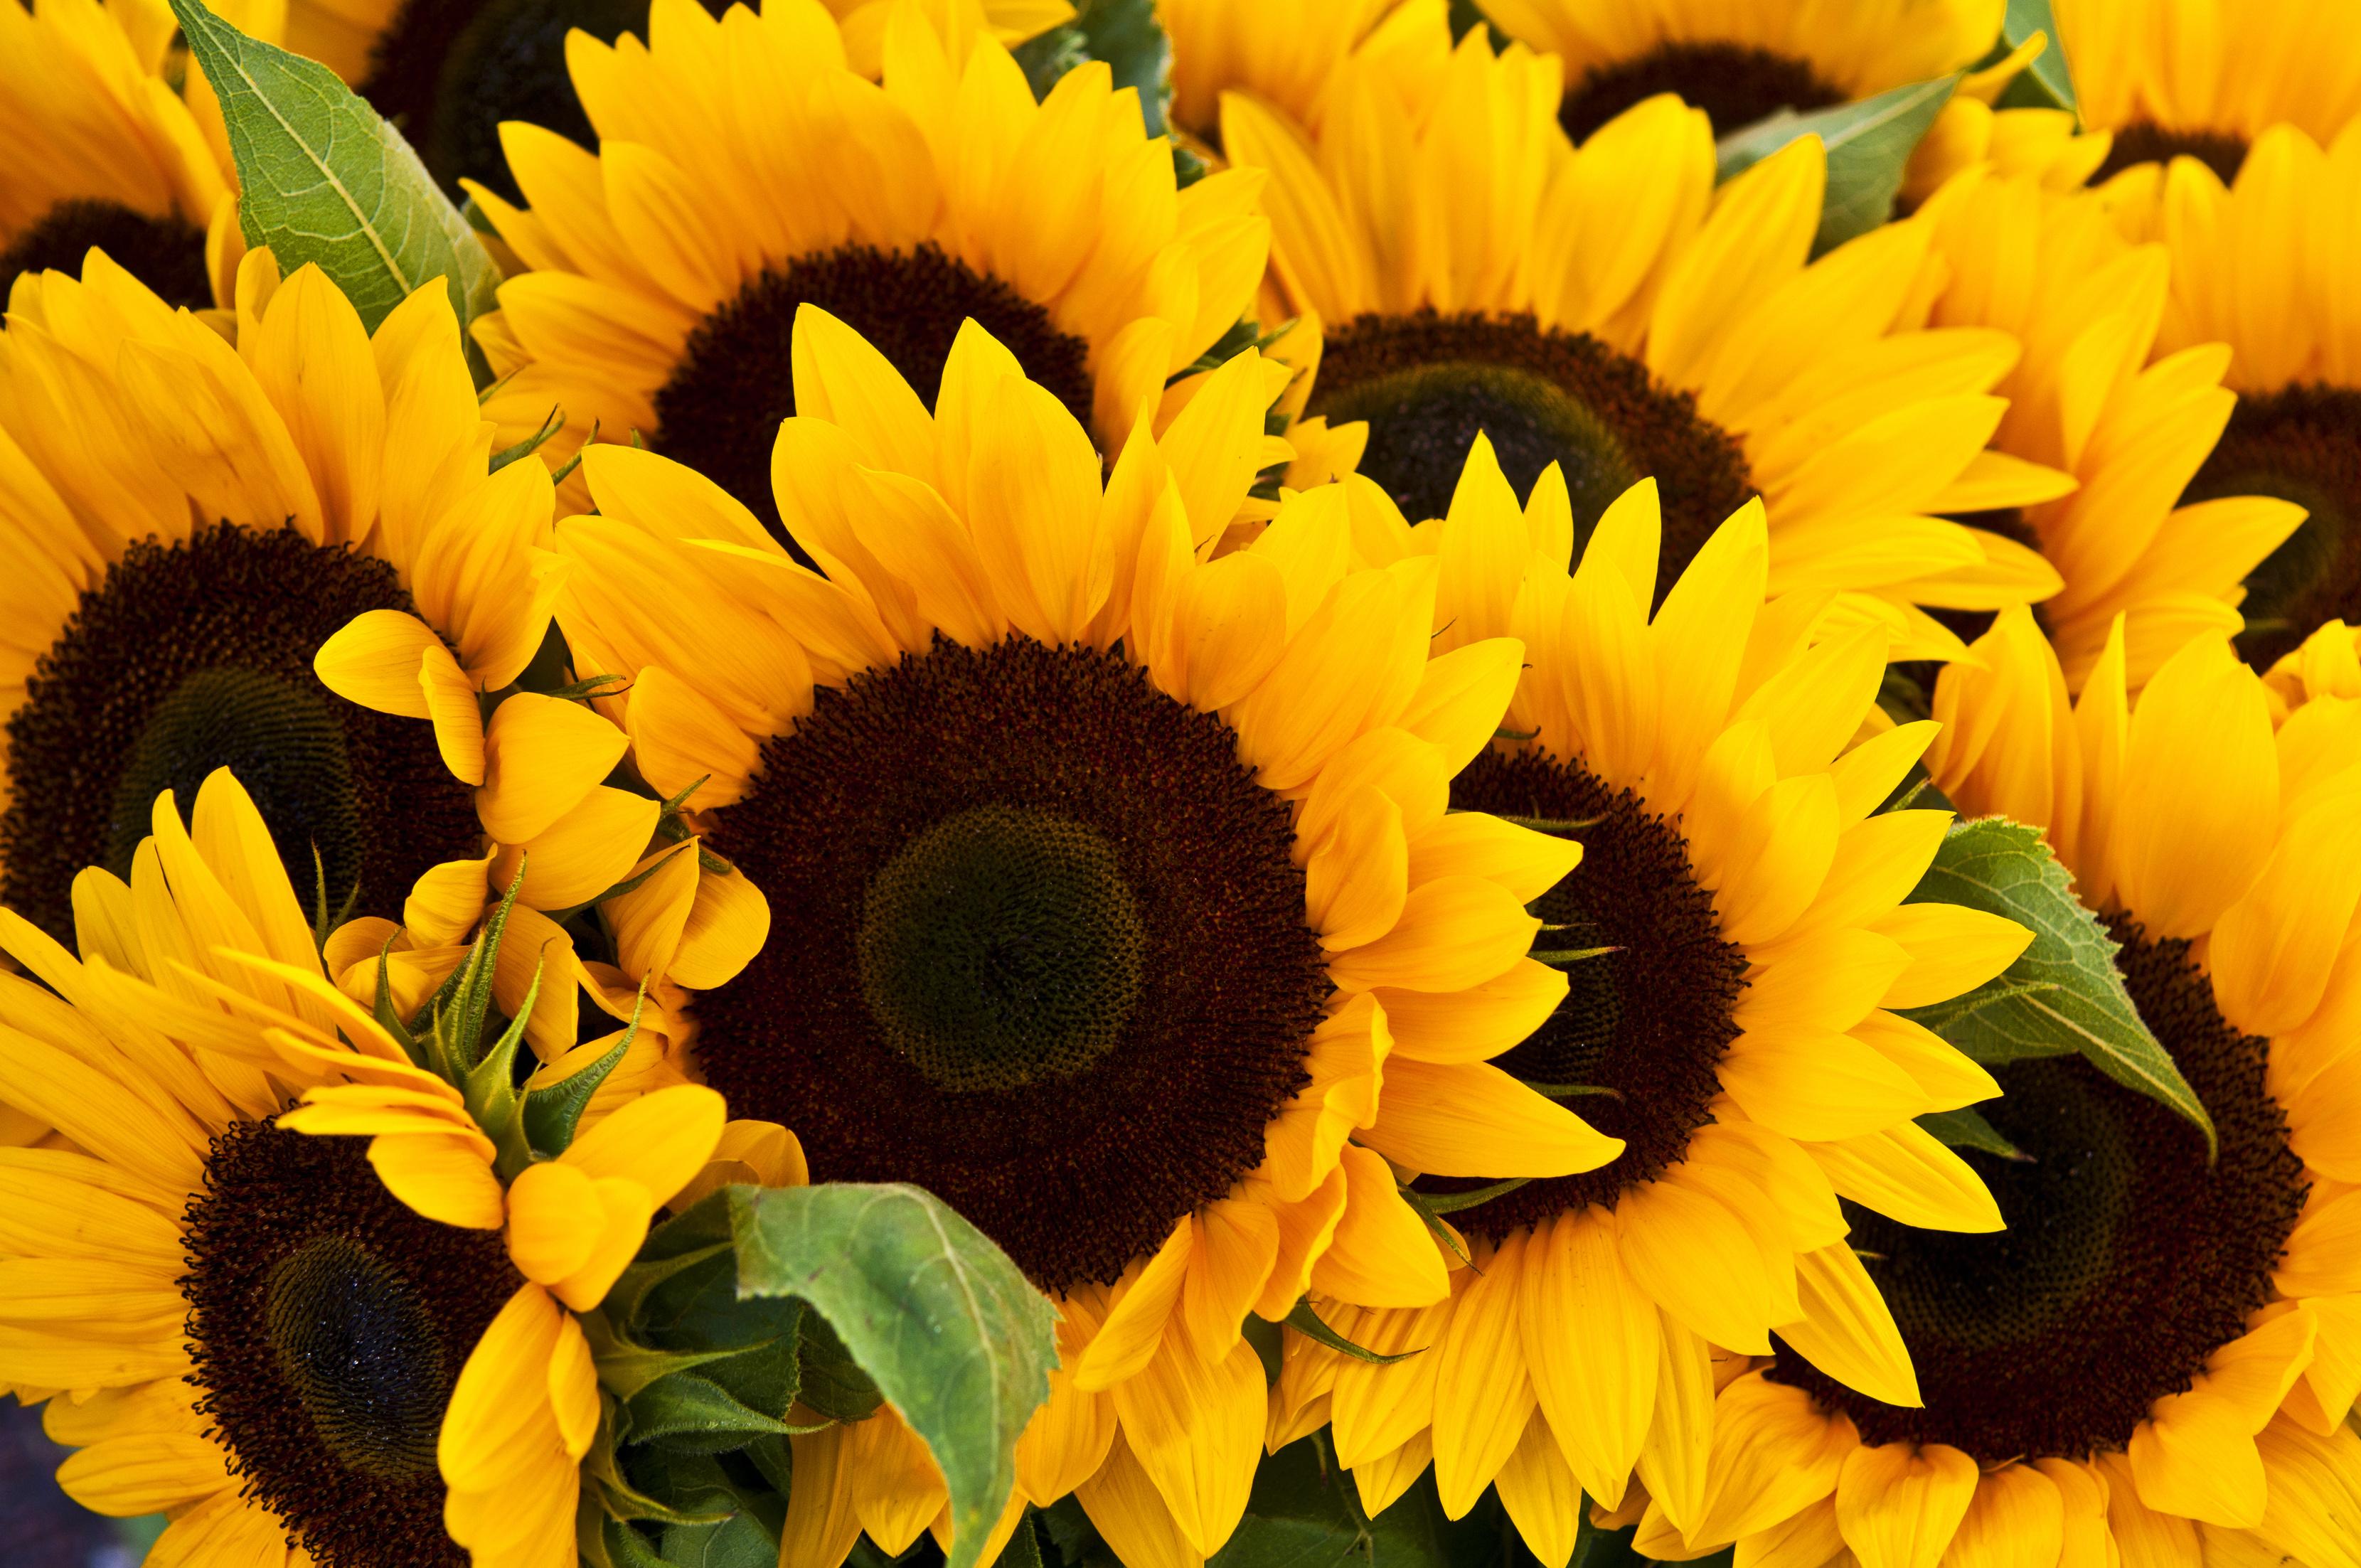 Фотография цветок Подсолнухи вблизи 3320x2205 Цветы Подсолнечник Крупным планом